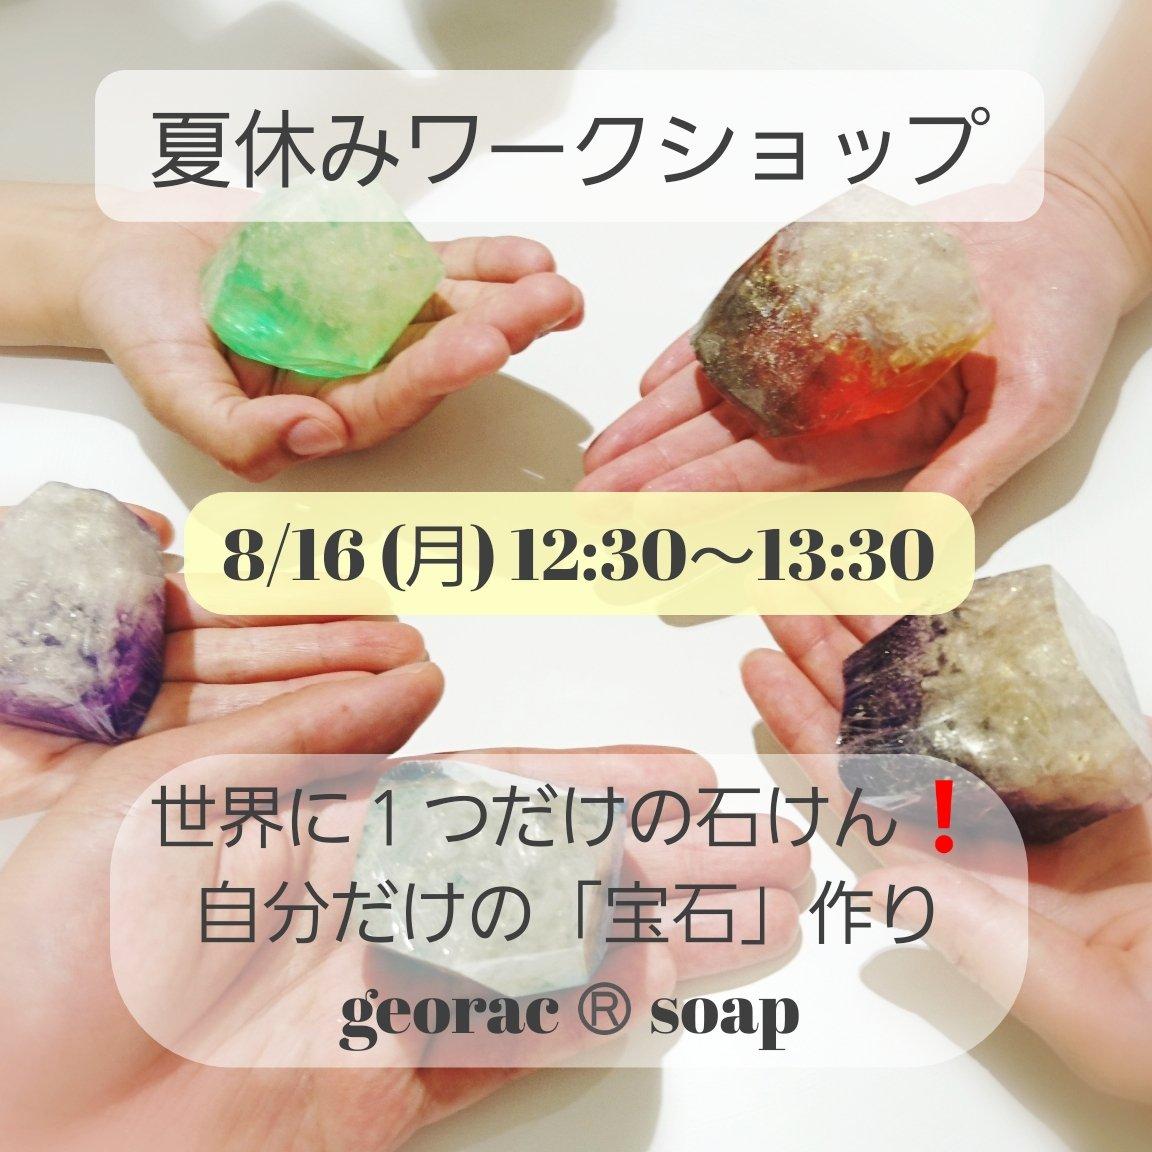 8/16(月)12:30〜13:30 夏休みの親子ワークショップ|3組限定!世界で一つ!自分だけの「宝石」石けん!|石けん2個作れます。のイメージその1